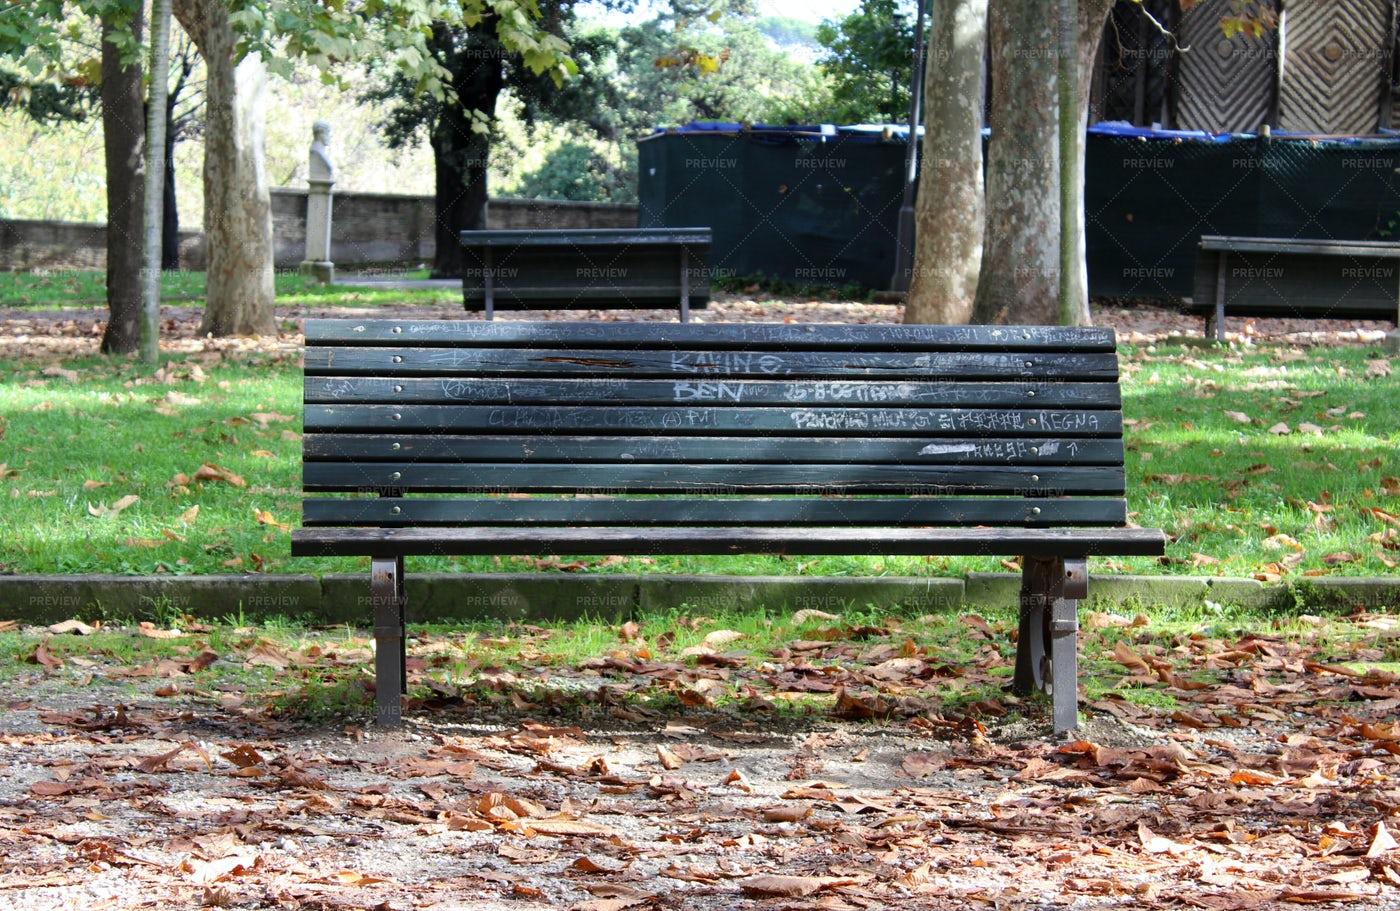 Bench In A Park: Stock Photos